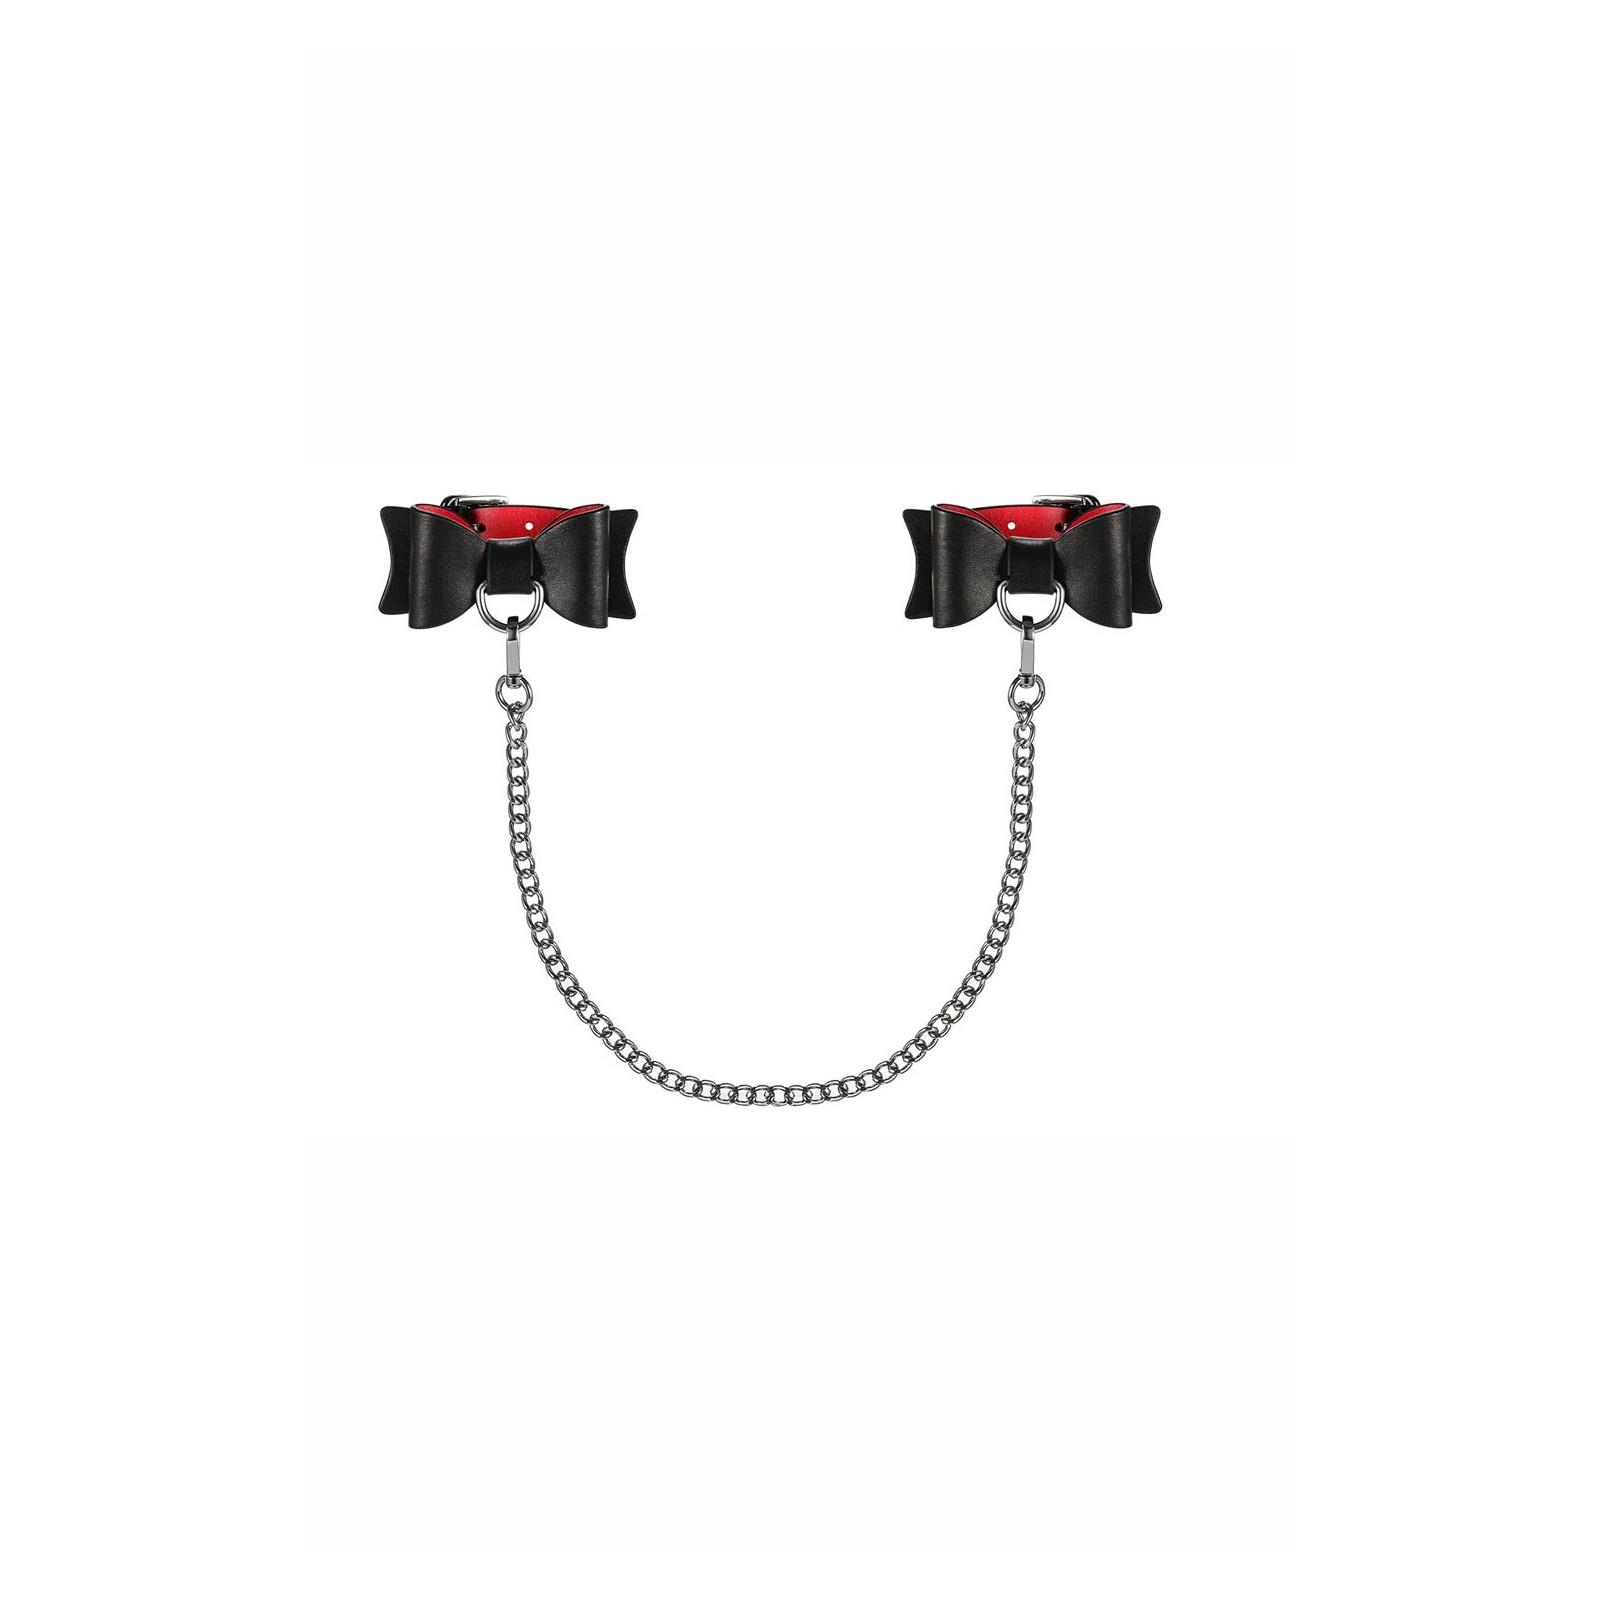 A745 Handschellen - 3 - Vorschaubild